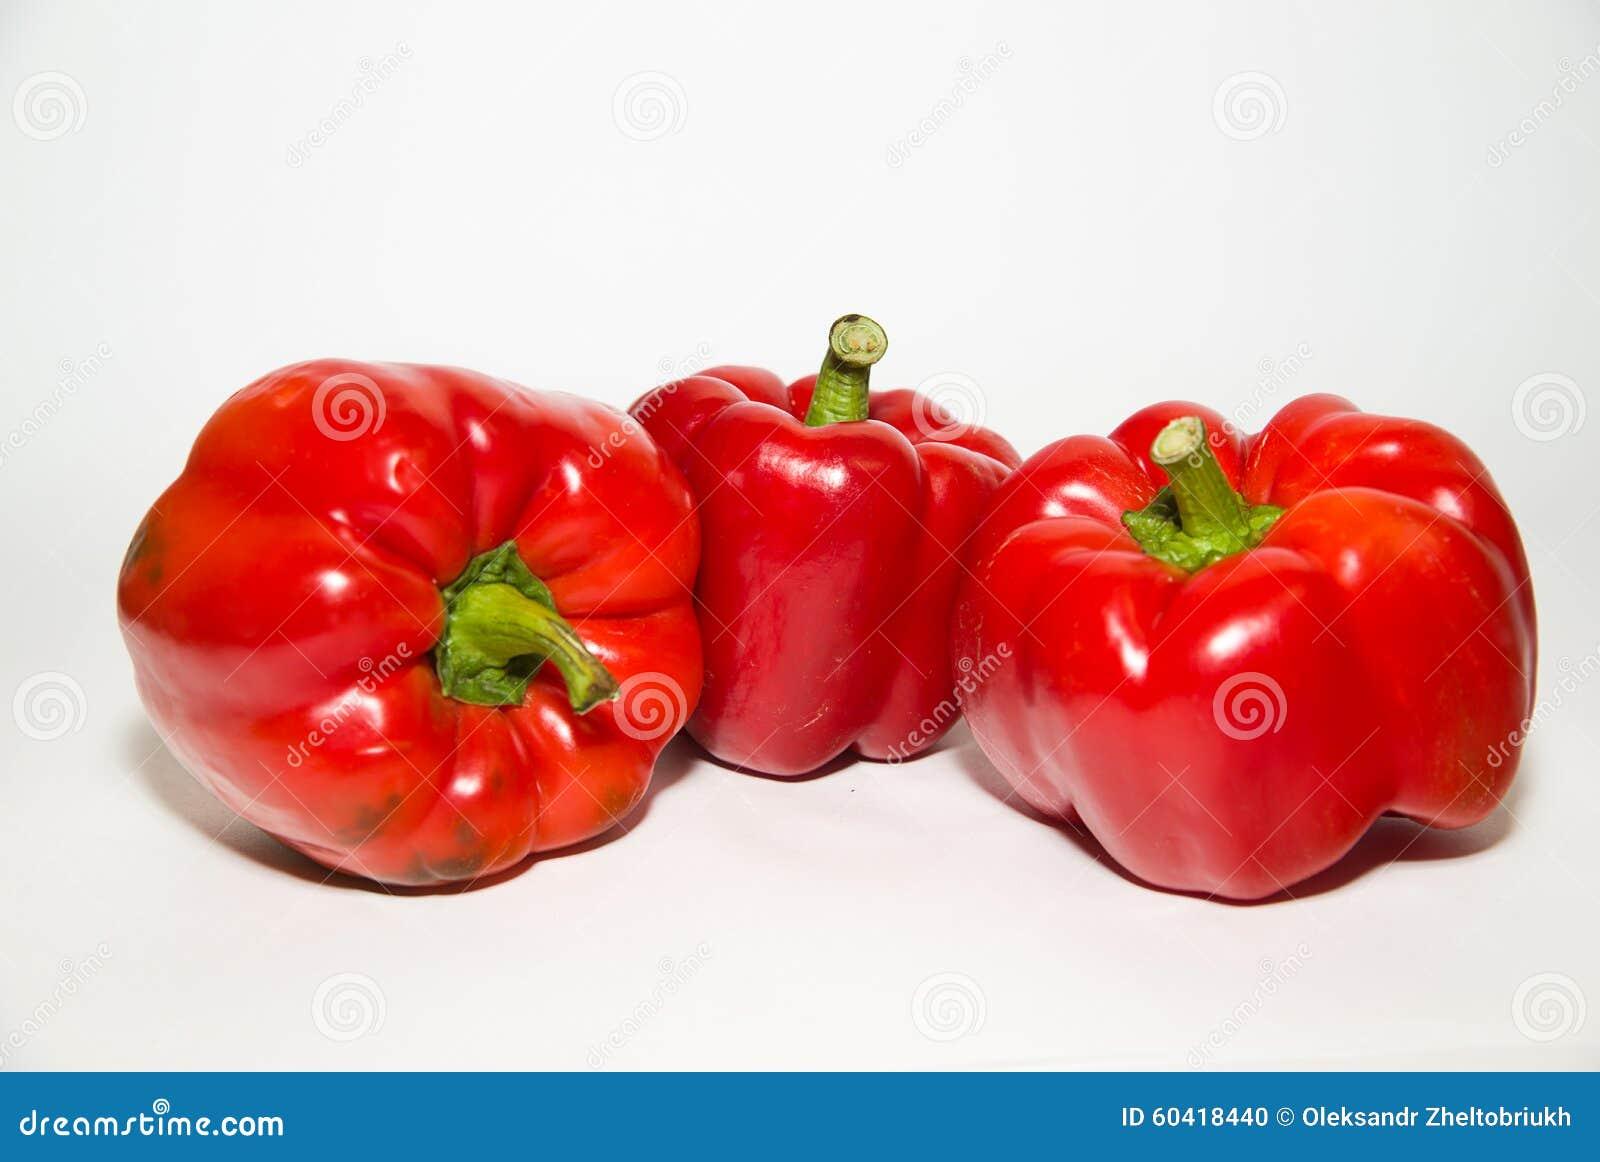 三个成熟红辣椒在白色